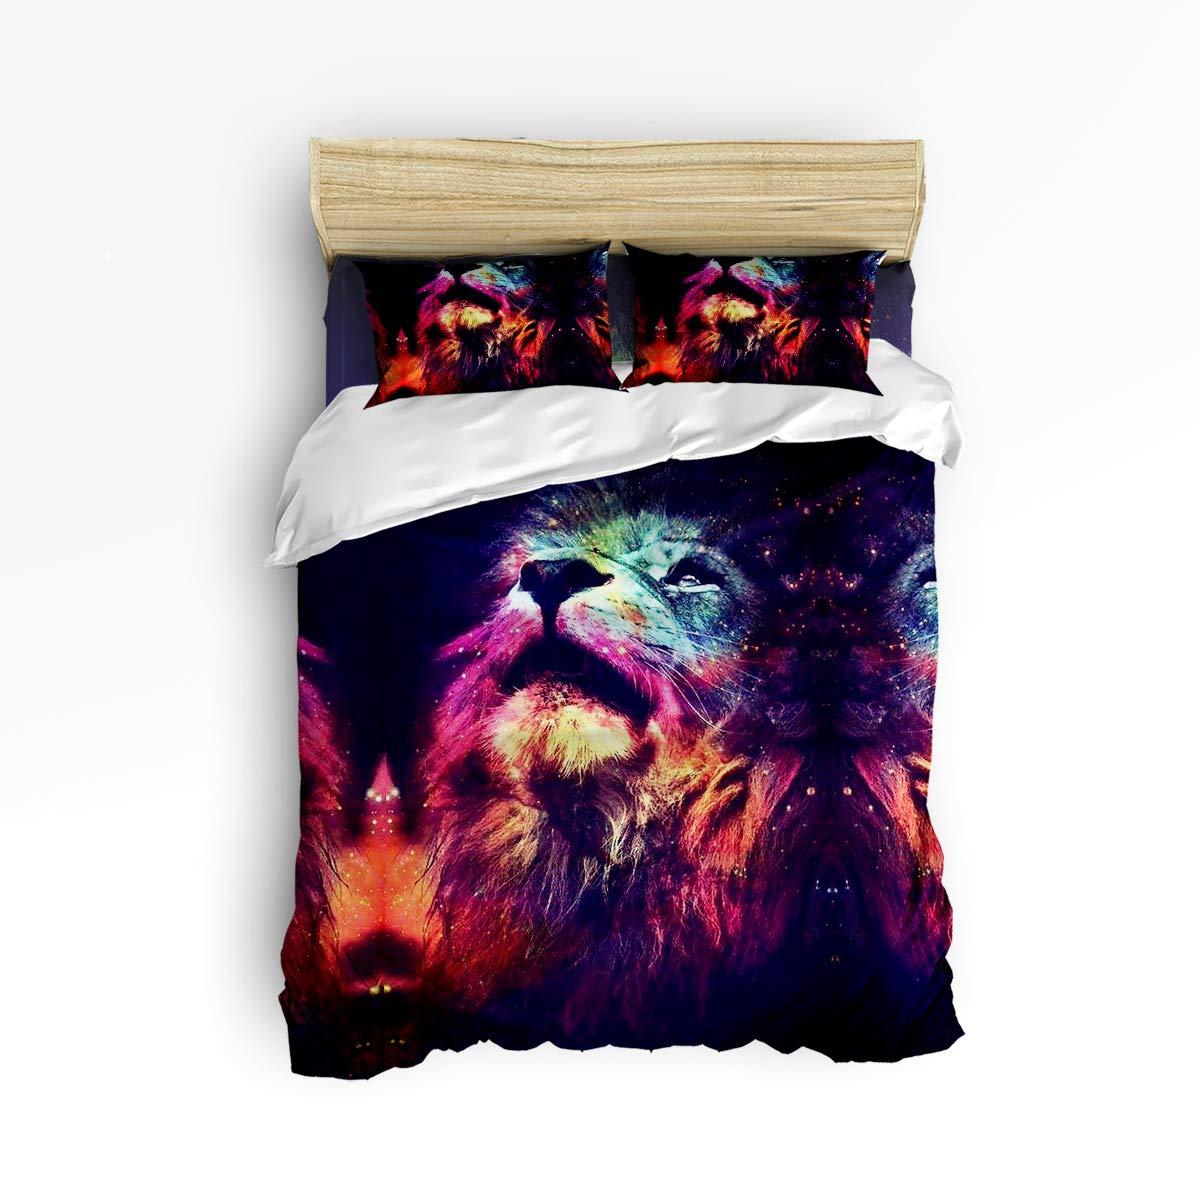 クイーンエリア寝具4点セット スーパーソフト 暖かい 高級 昼寝用ダウン生地 掛け布団カバーセット Gloom Lion Look Up Black Sky キング gml181122-queen-003SLXM01353SJTDQAA B07KS61BFS Lion431lqaa3663 キング